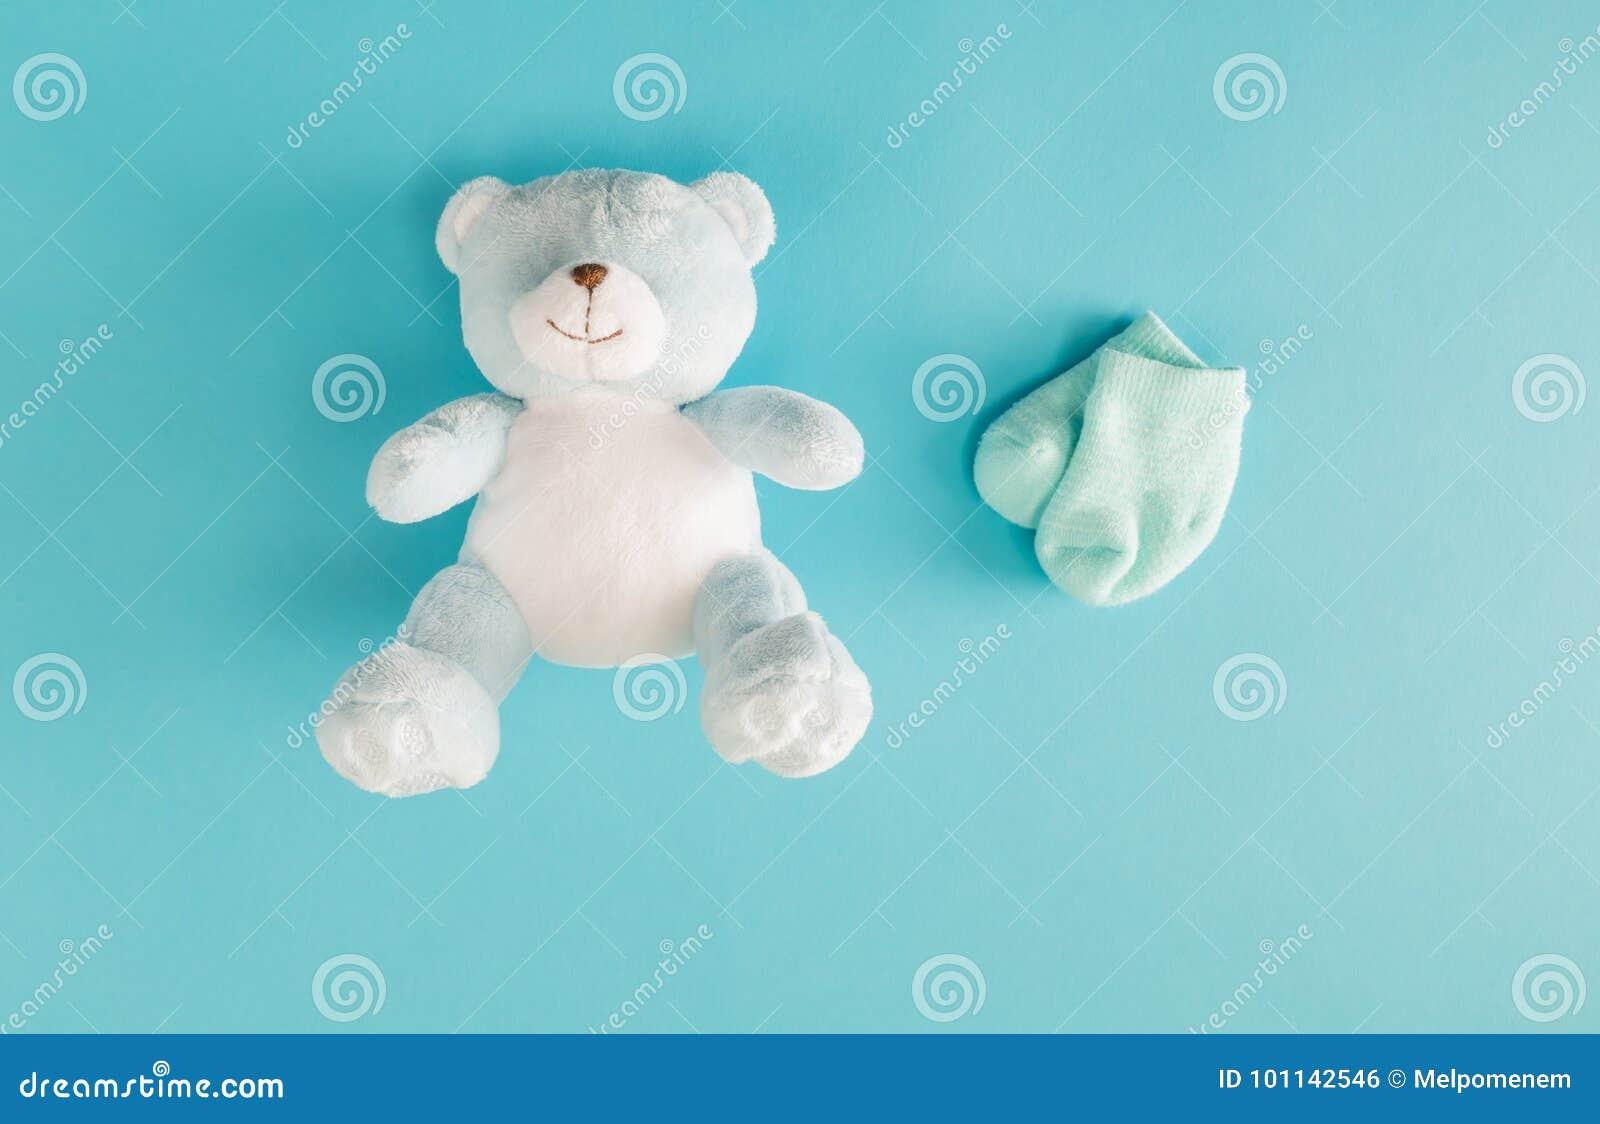 Baby teddy bear and socks